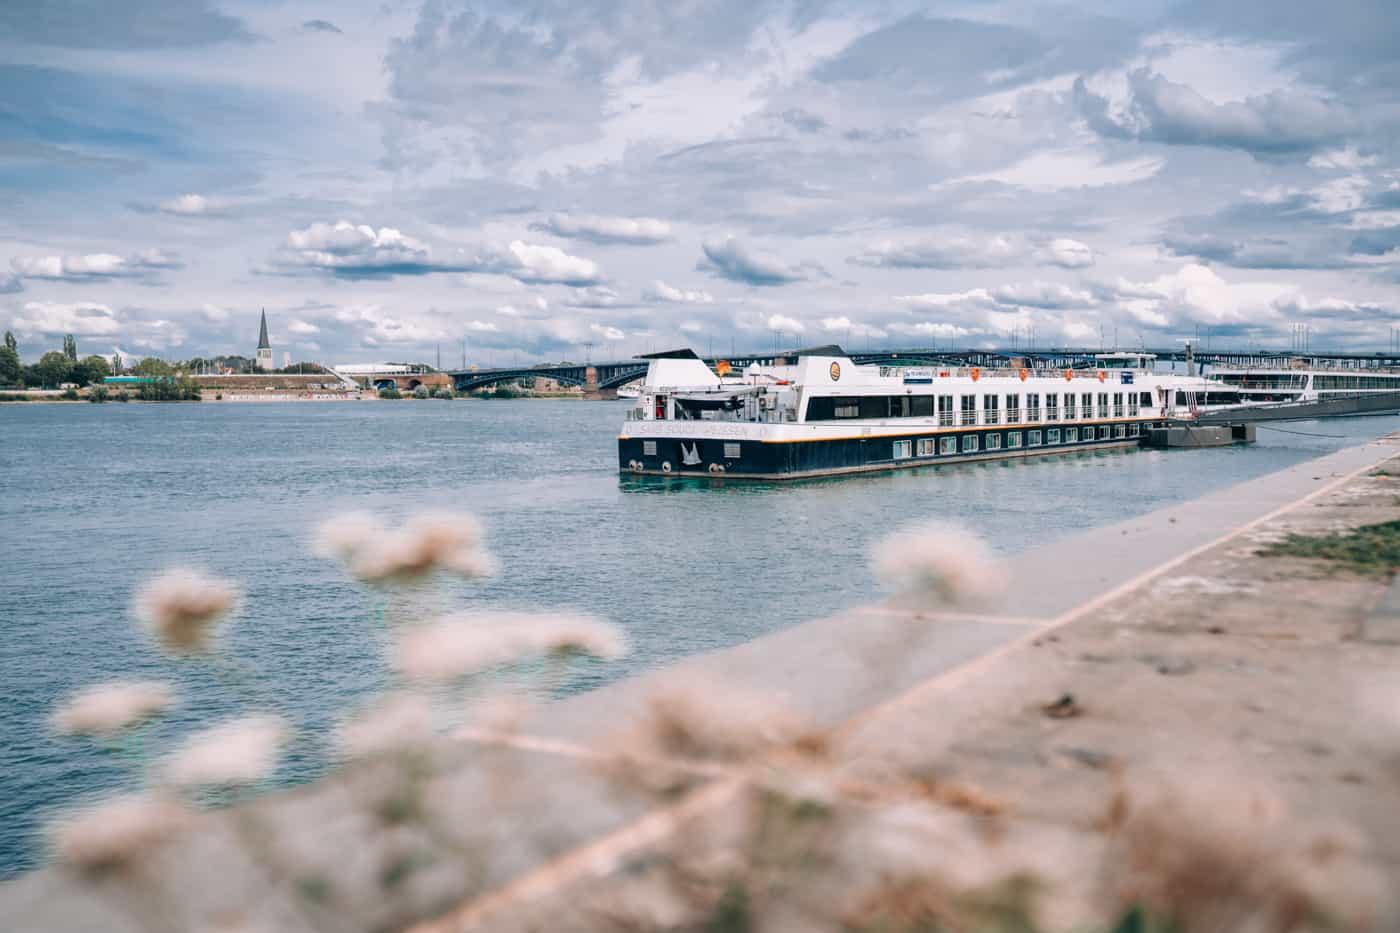 Mainz - Sehenswürdigkeiten, schönste Ecken, Essens- & Insider Tipps: Rheinpromenade in Mainz